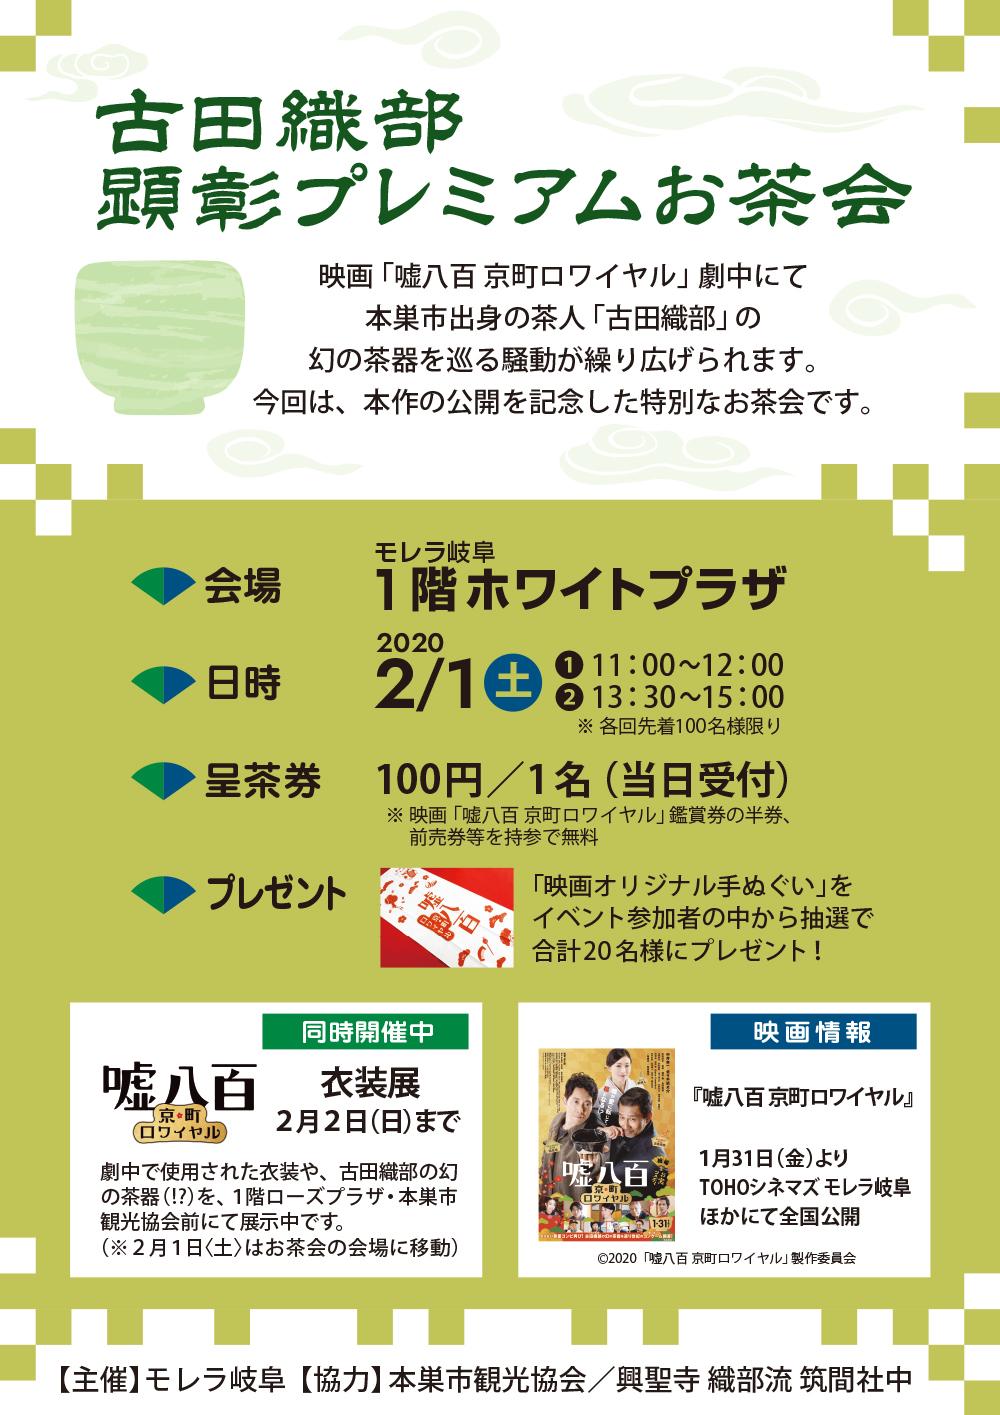 映画「嘘八百 京町ロワイヤル」公開記念 古田織部 顕彰プレミアムお茶会